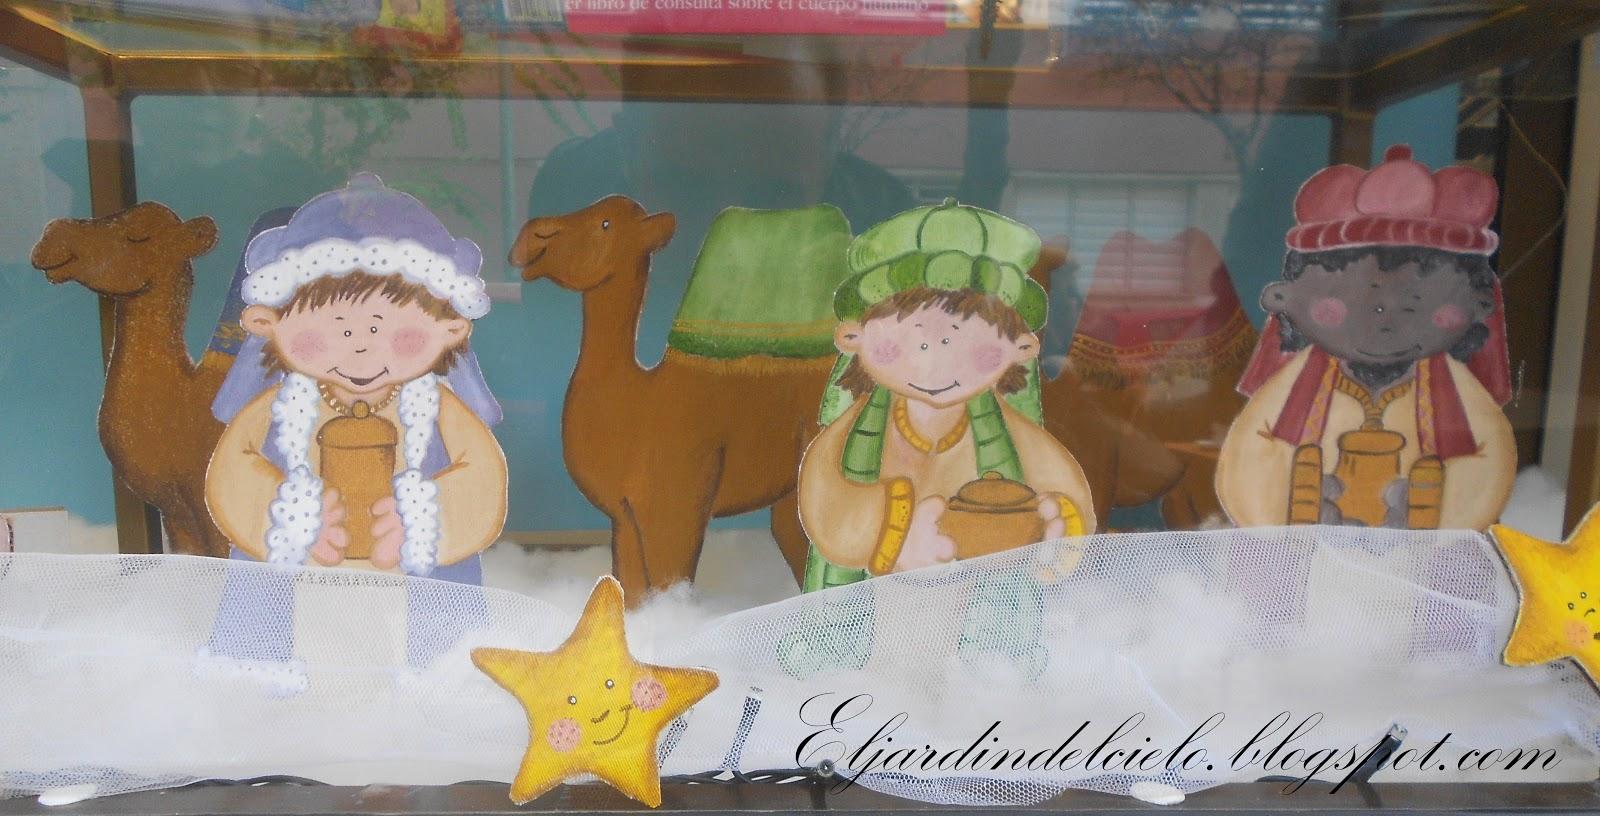 El jard n del cielo bel n pintado en tela - Dibujos navidenos para pintar en tela ...